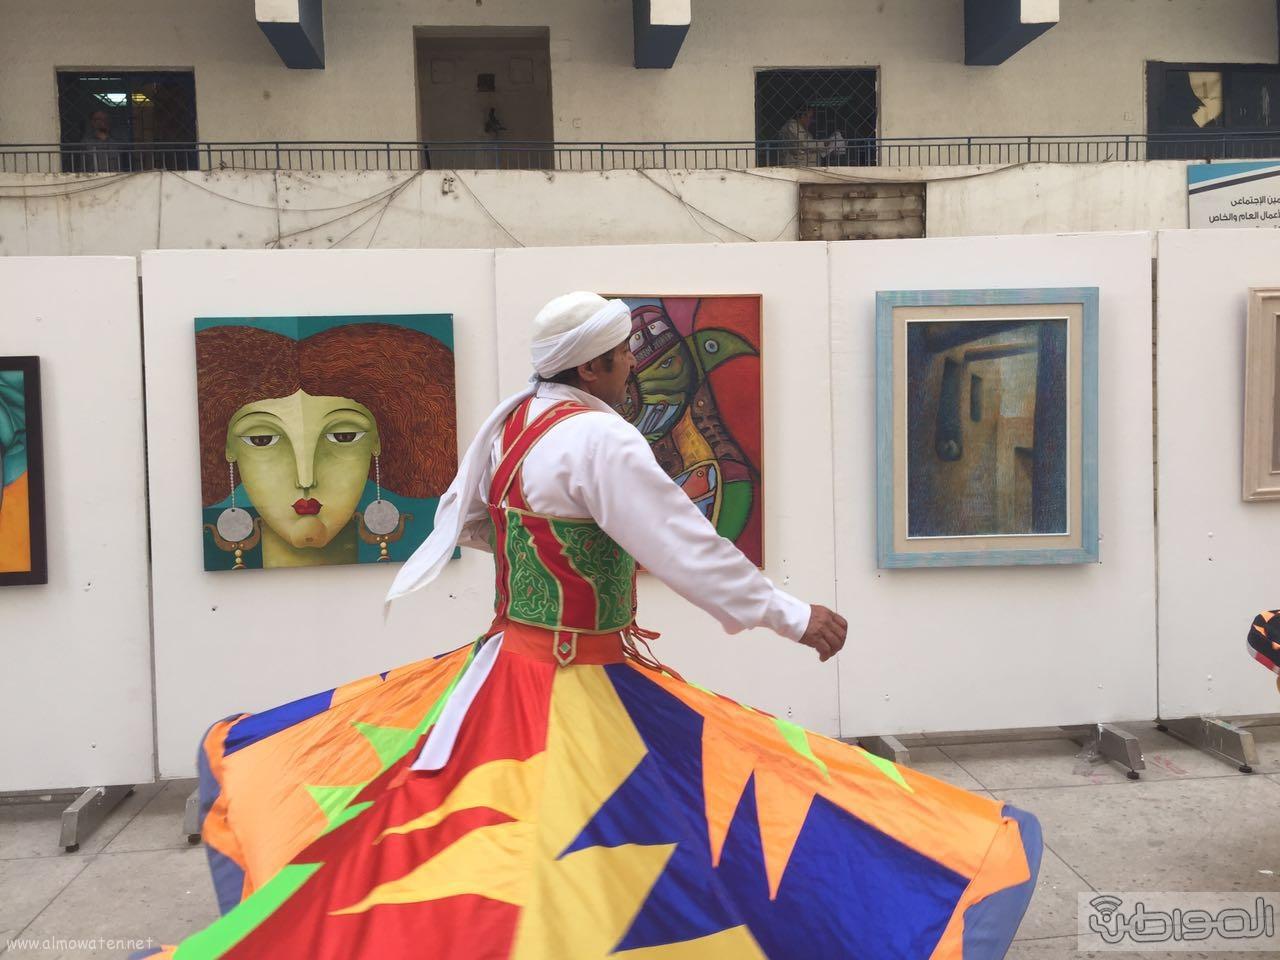 زيارة الوفد الاعلامي السعودي لقصور الثقافة بالقاهرة (9)